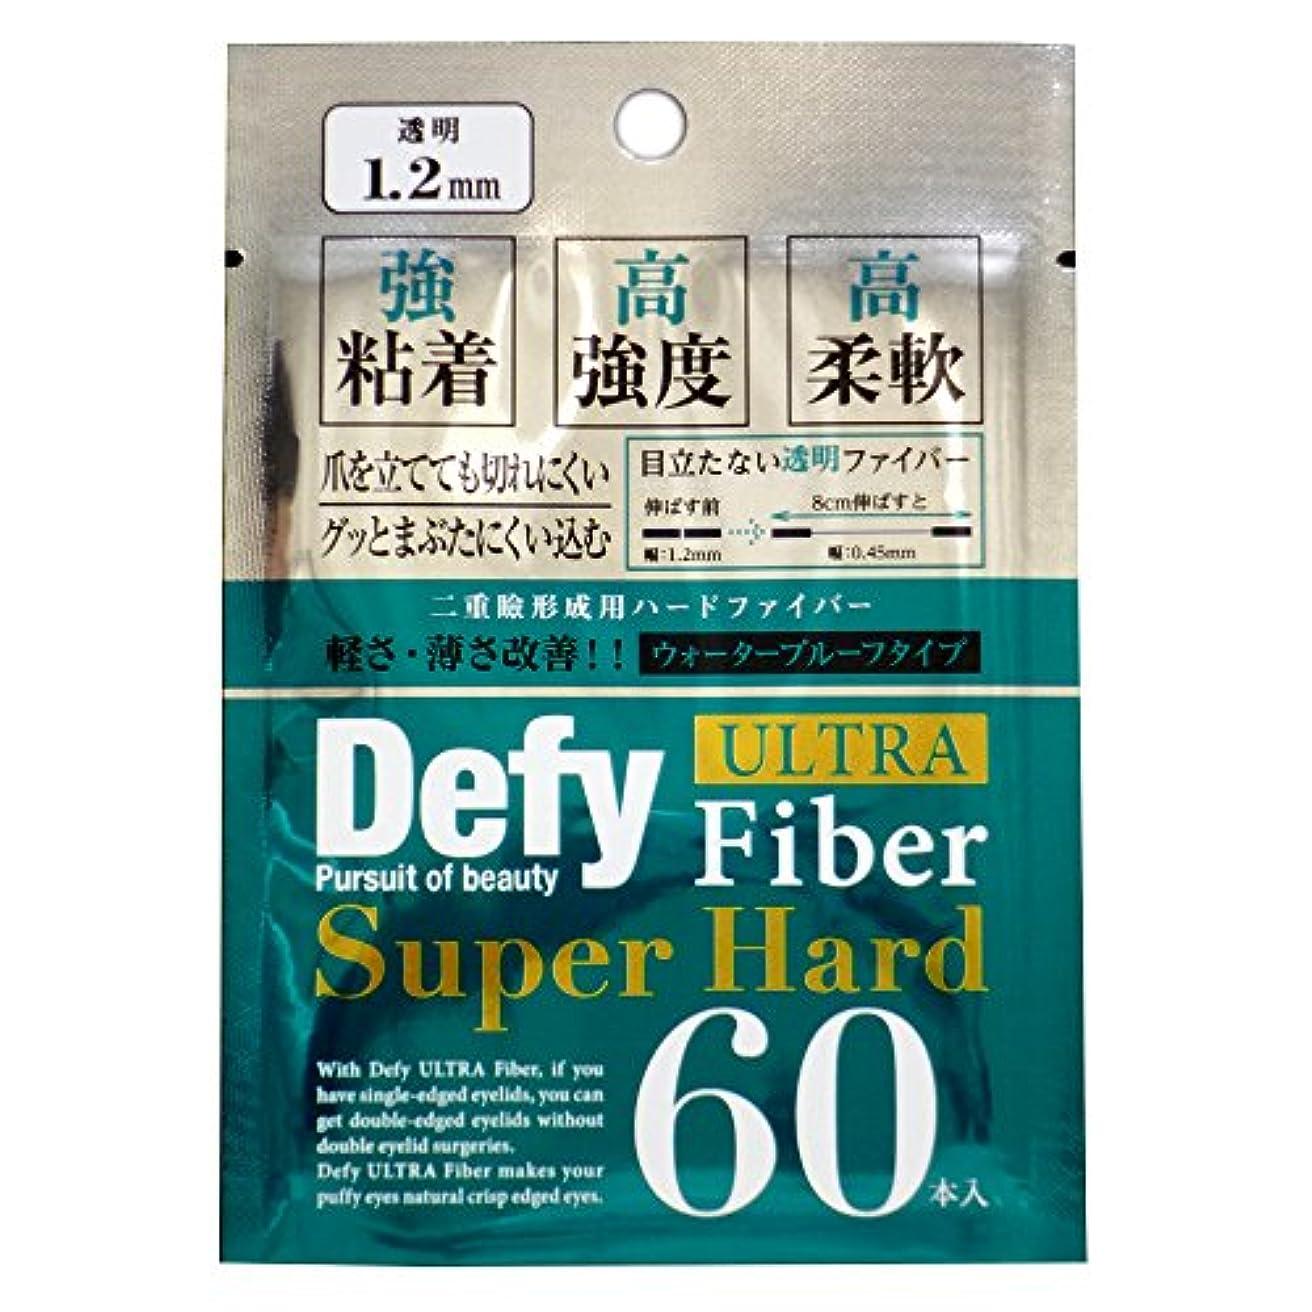 受粉するとんでもない香水Defy ウルトラファイバーII スーパーハード クリア 1.2mm